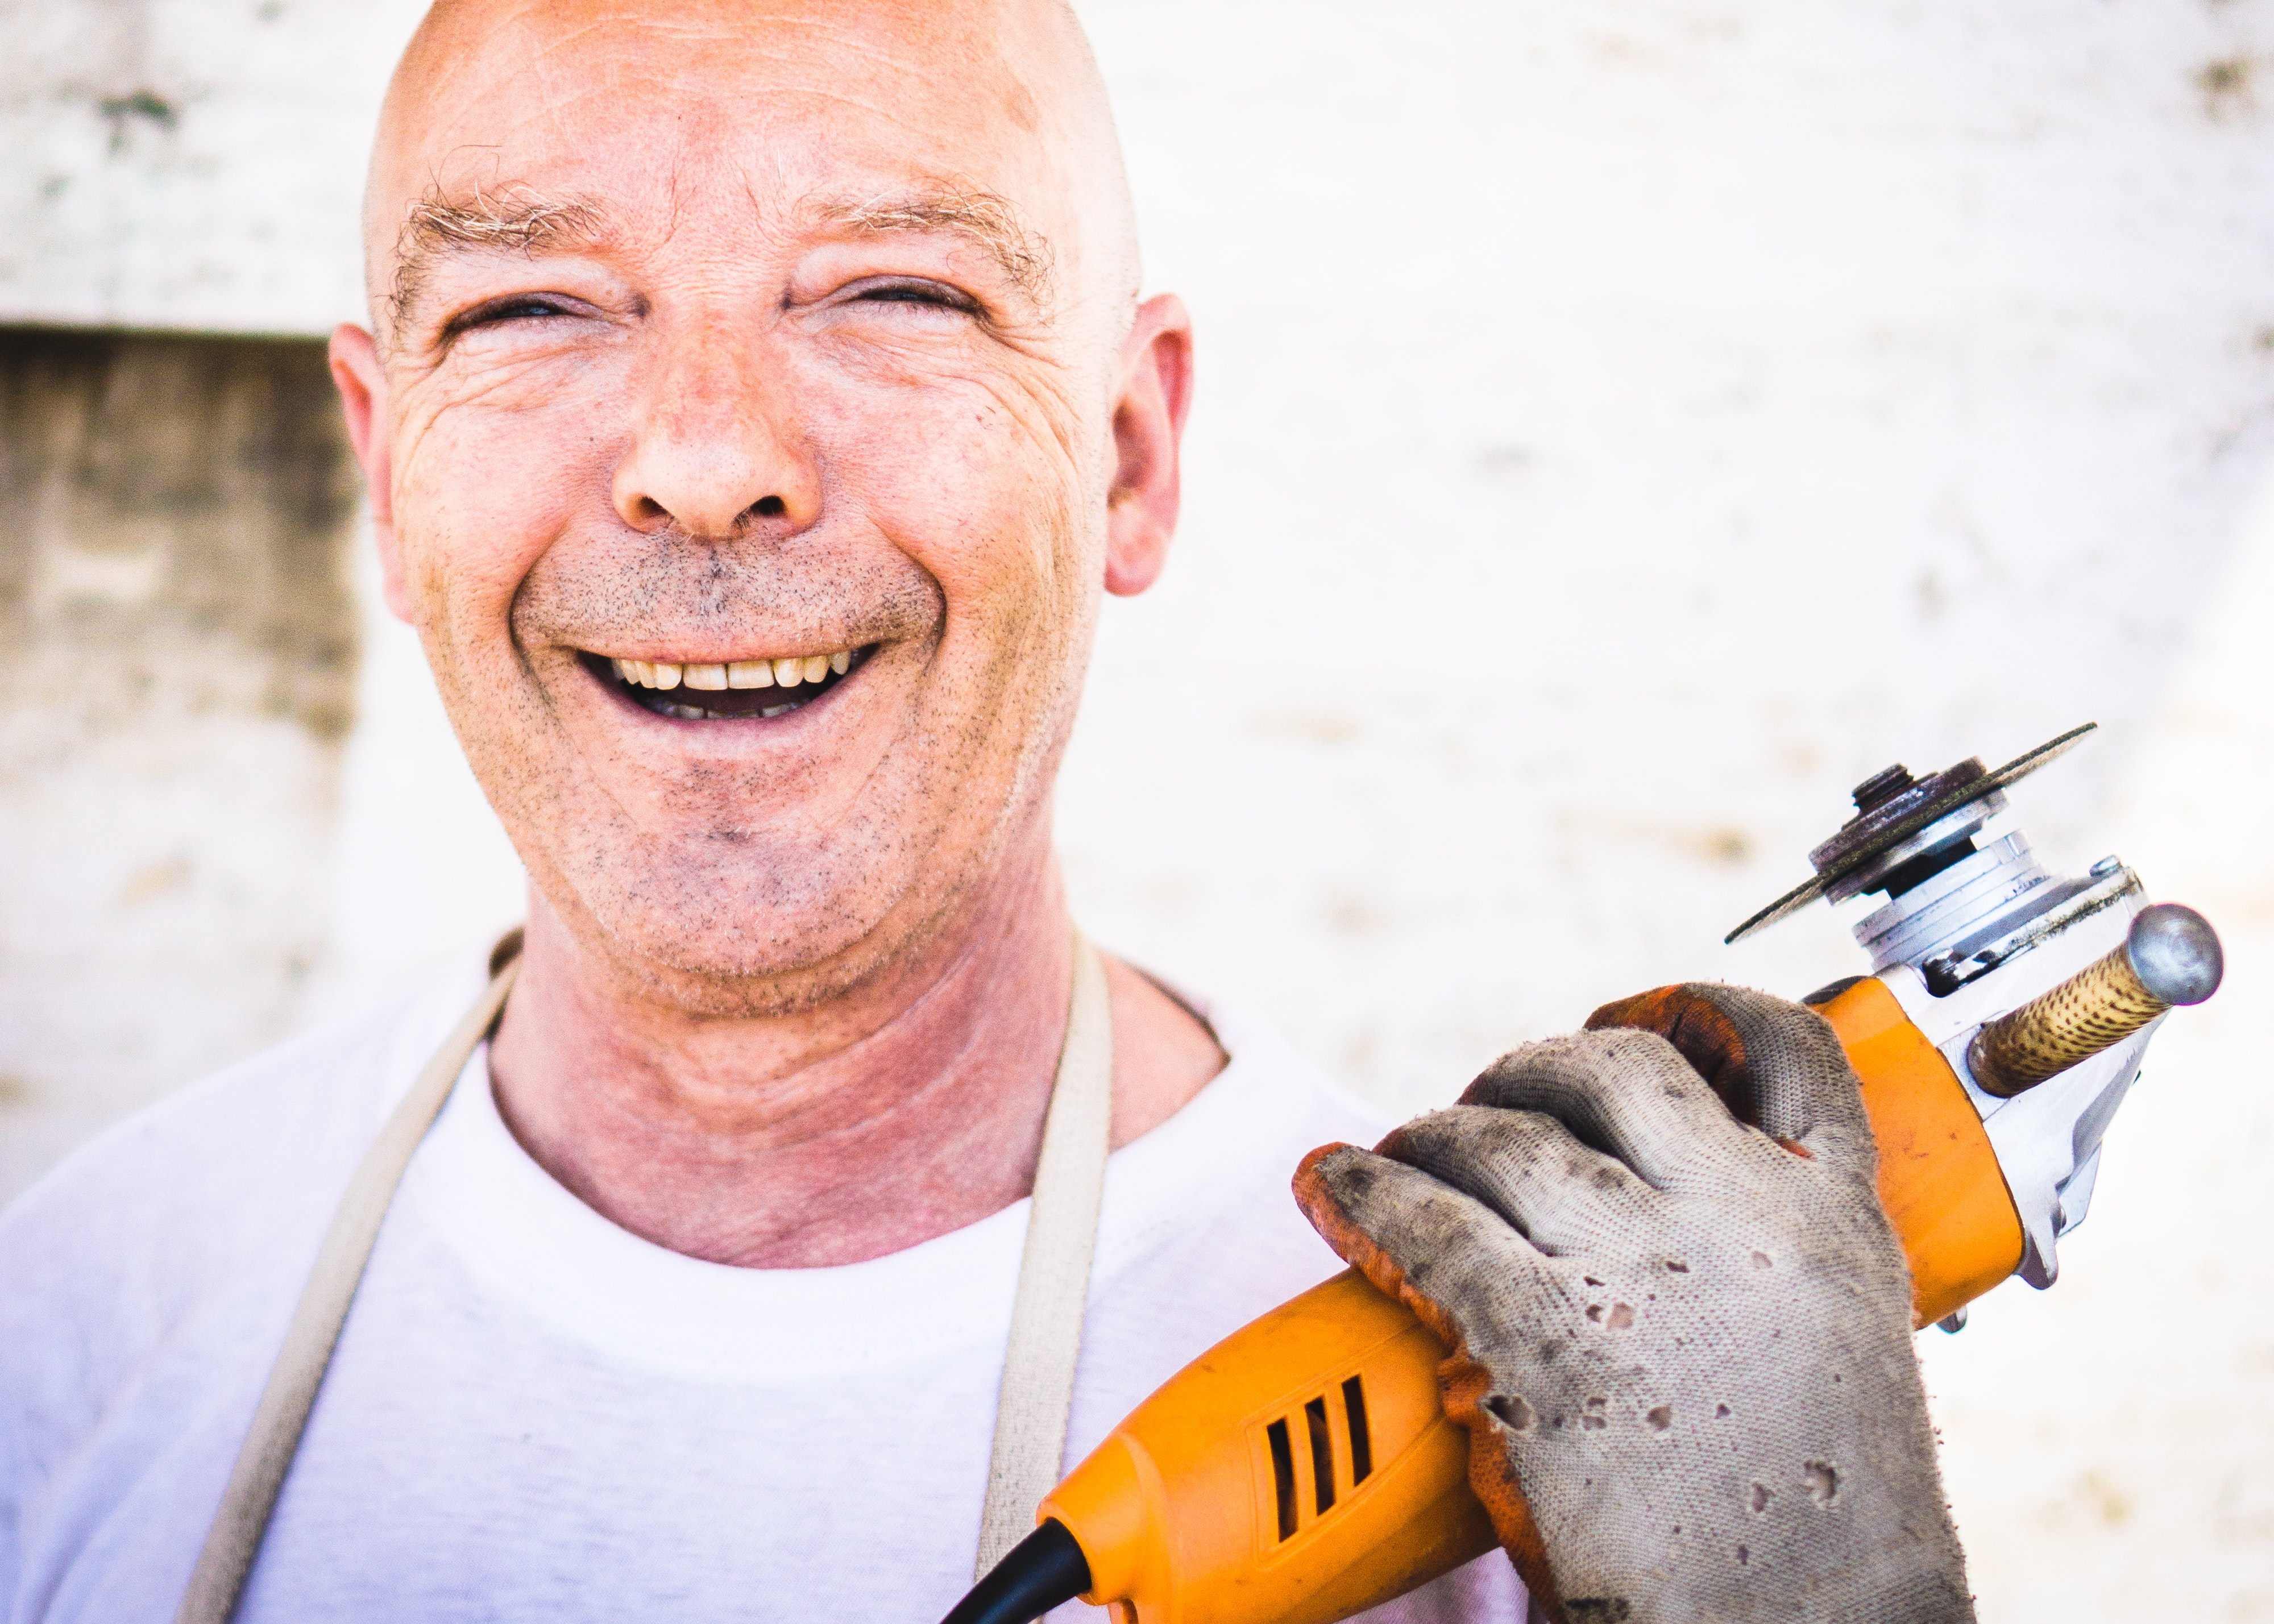 man holding orange angle grinder